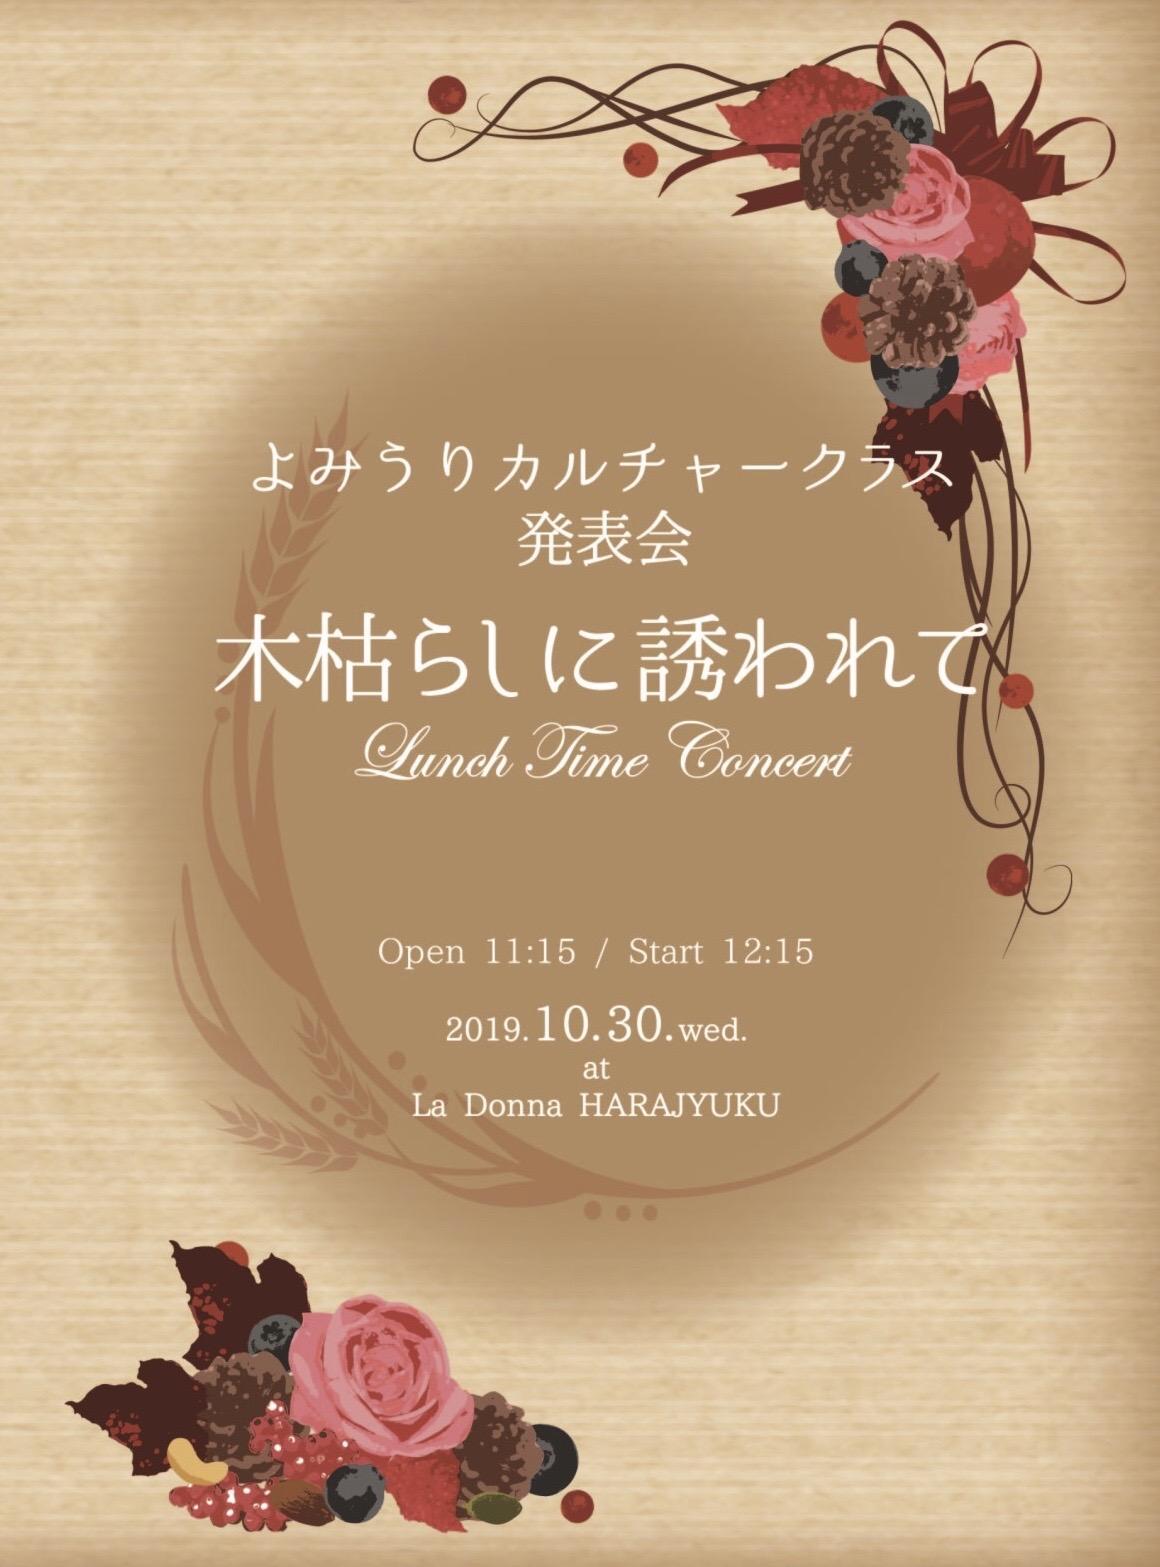 よみうりカルチャークラス発表会 ~木枯らしに誘われて~ Lunch Time Concert